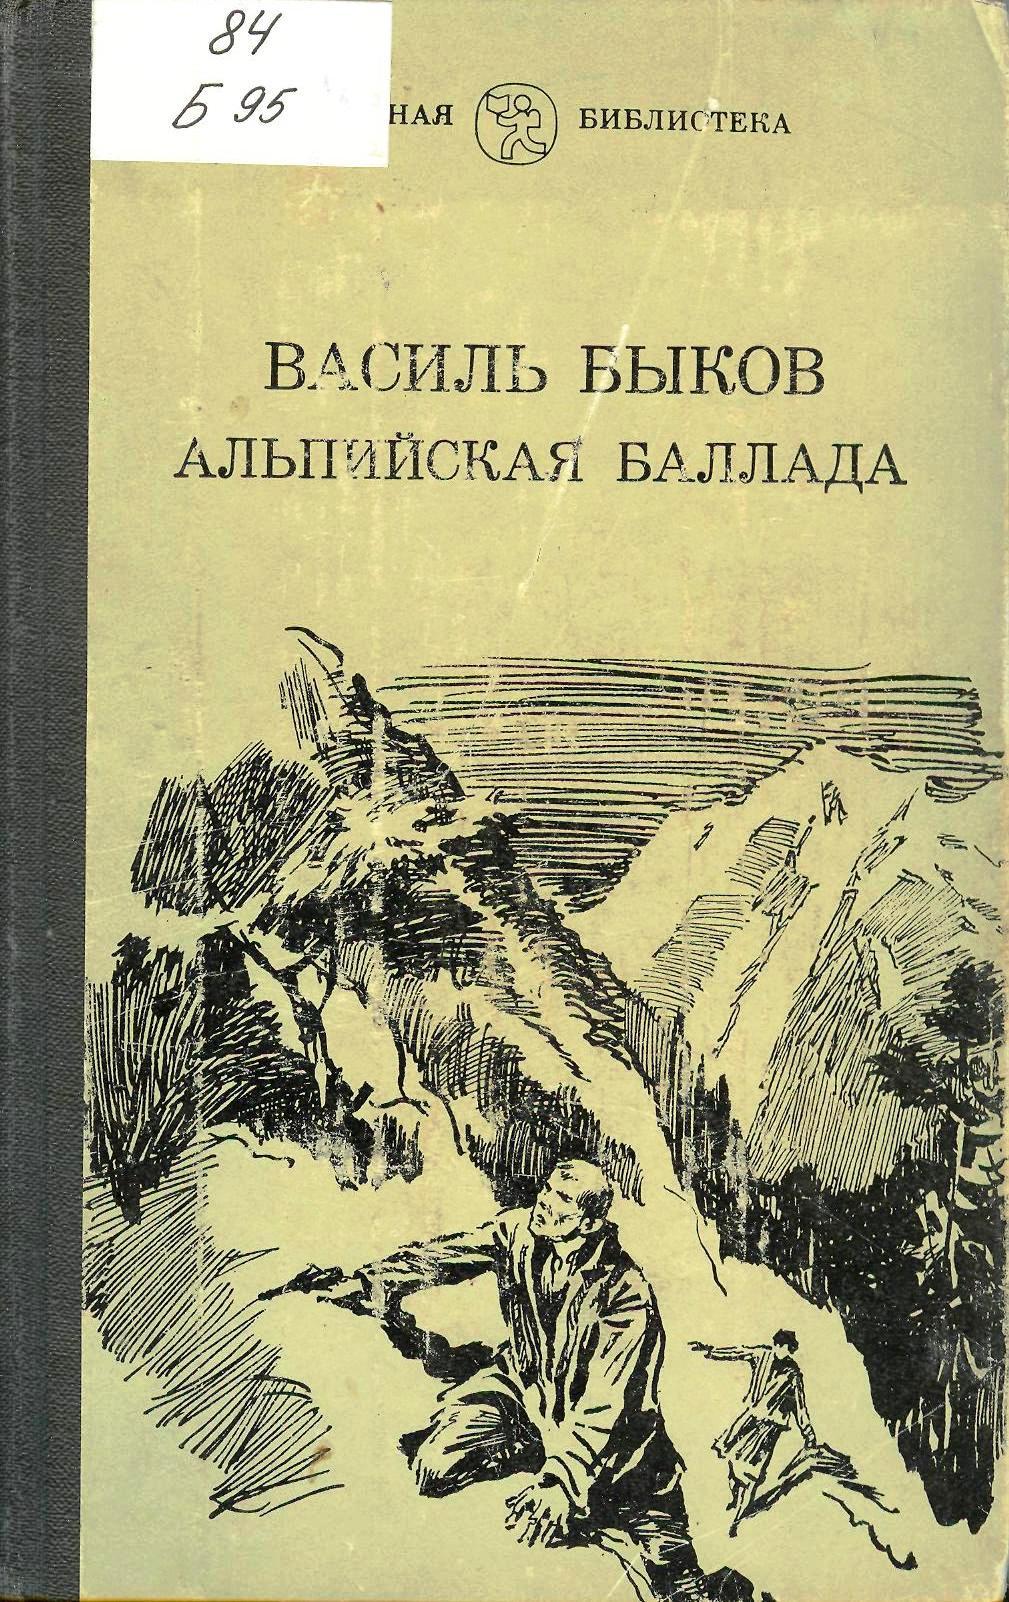 Скачать книгу альпийская баллада василь быков